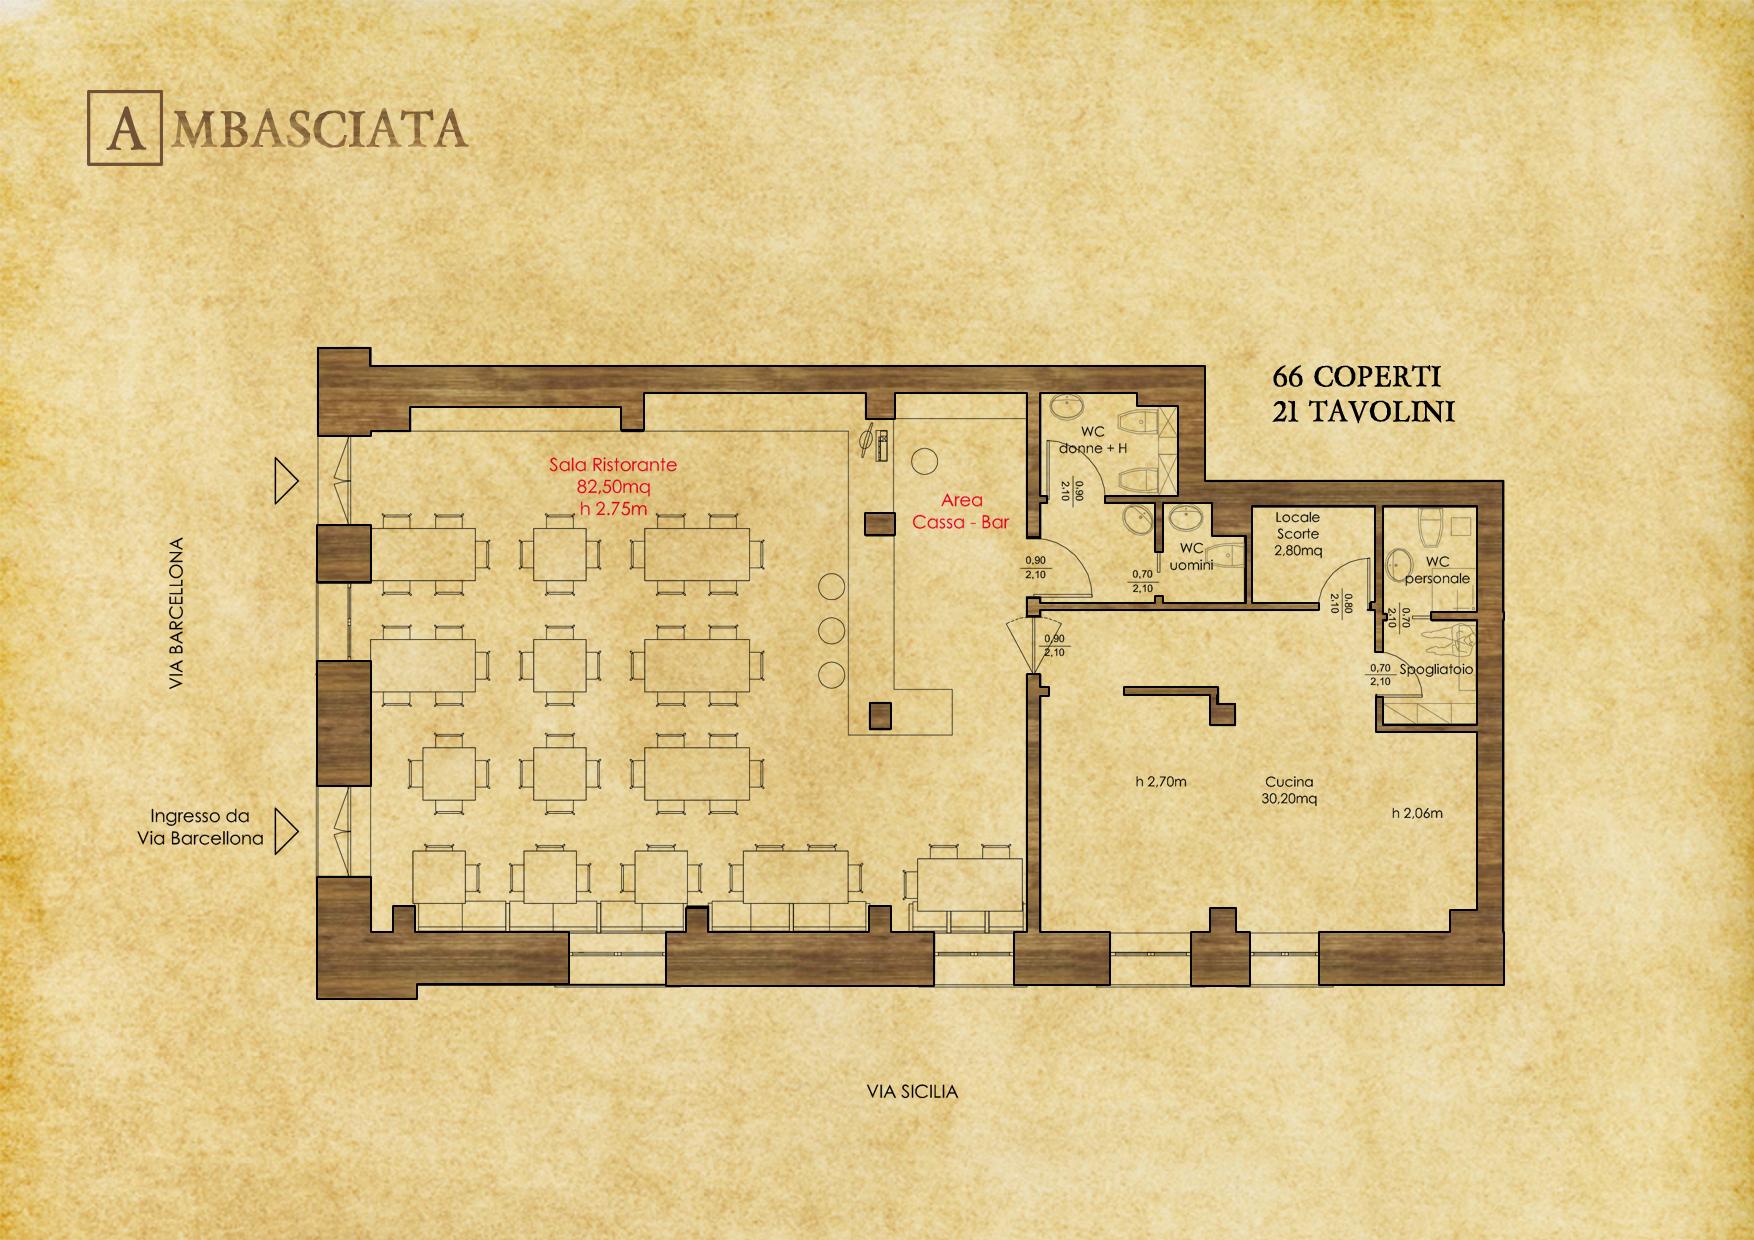 Planimetria Generale - © R. Aleotti, A. Pea, T. Tamborriello